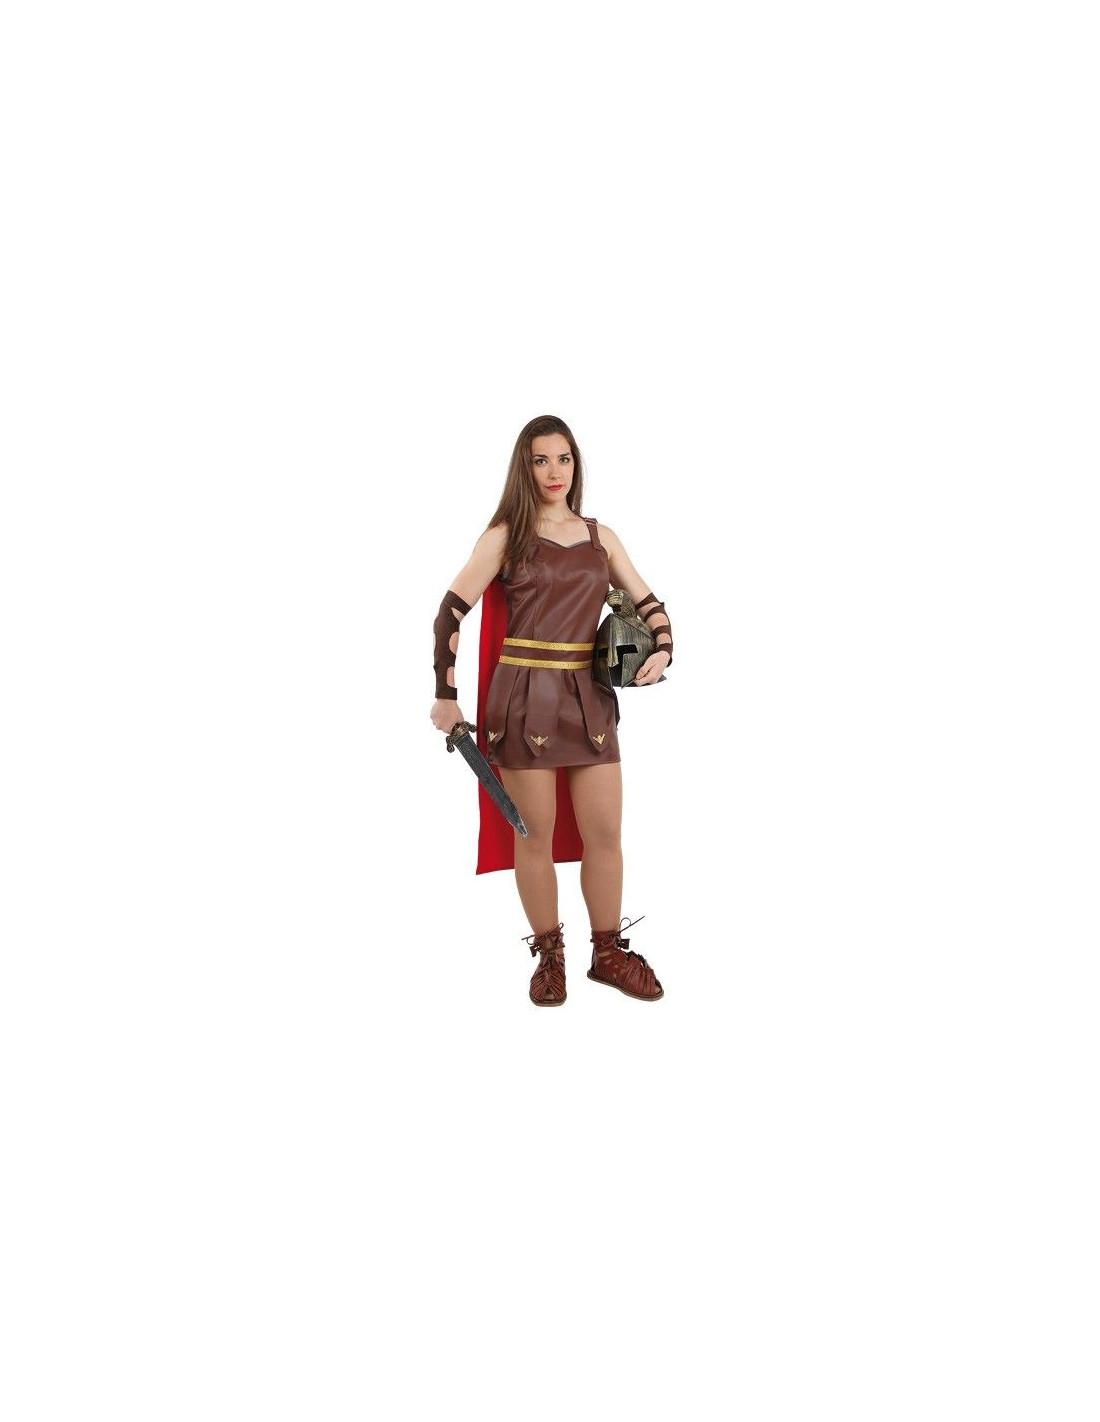 49fa1967d8 Disfraz de romana gladiadora mujer - Comprar en Tienda Disfraces Bacanal